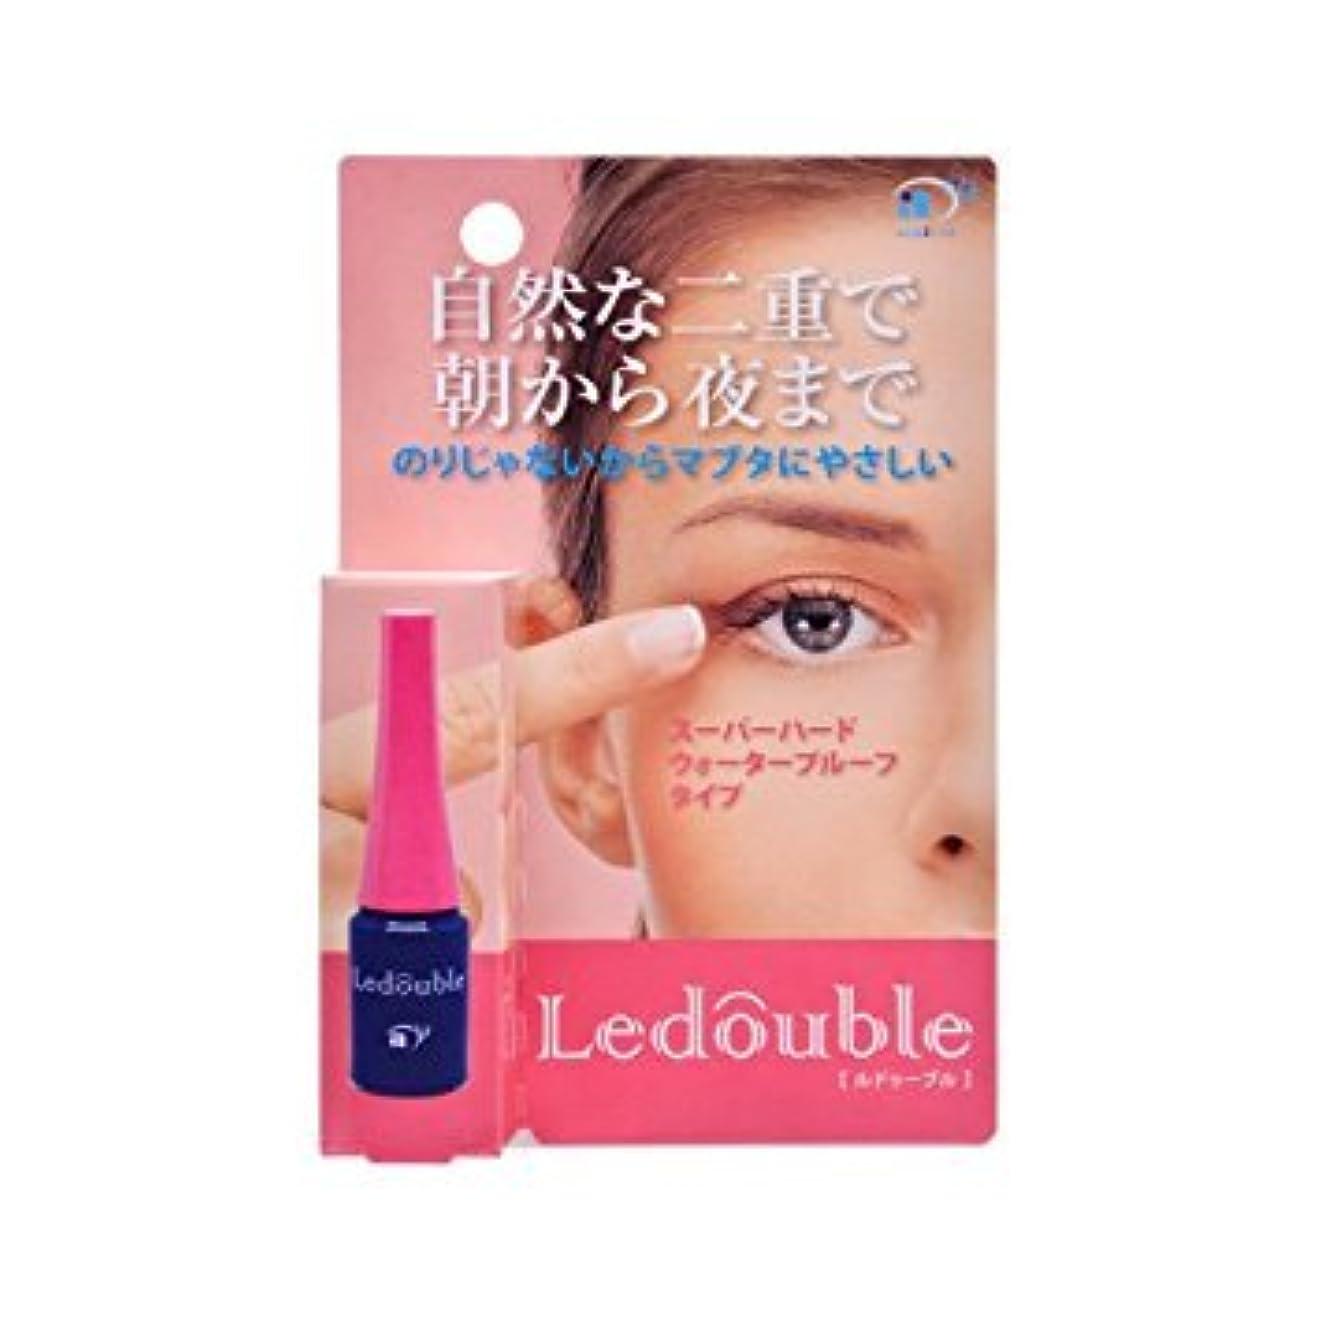 長老腹部勇敢なLedouble [ルドゥーブル] 二重まぶた化粧品 (2mL) 2個セット [並行輸入品]